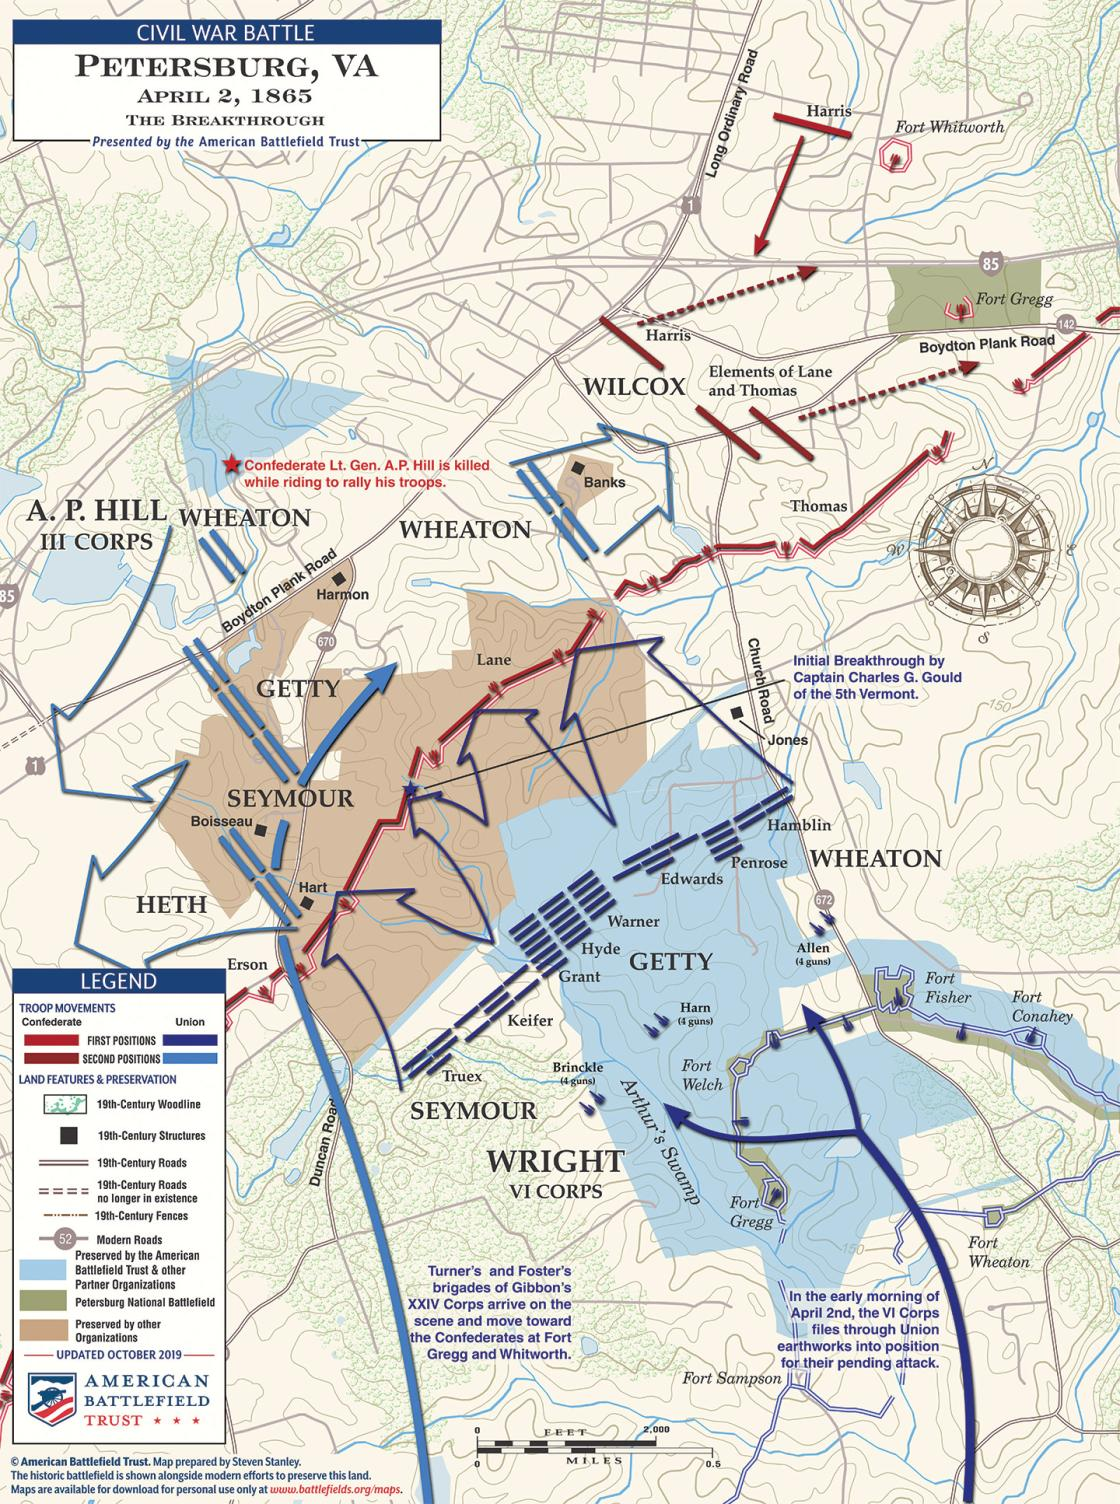 Breakthrough at Petersburg - April 2, 1865 (October 2019)